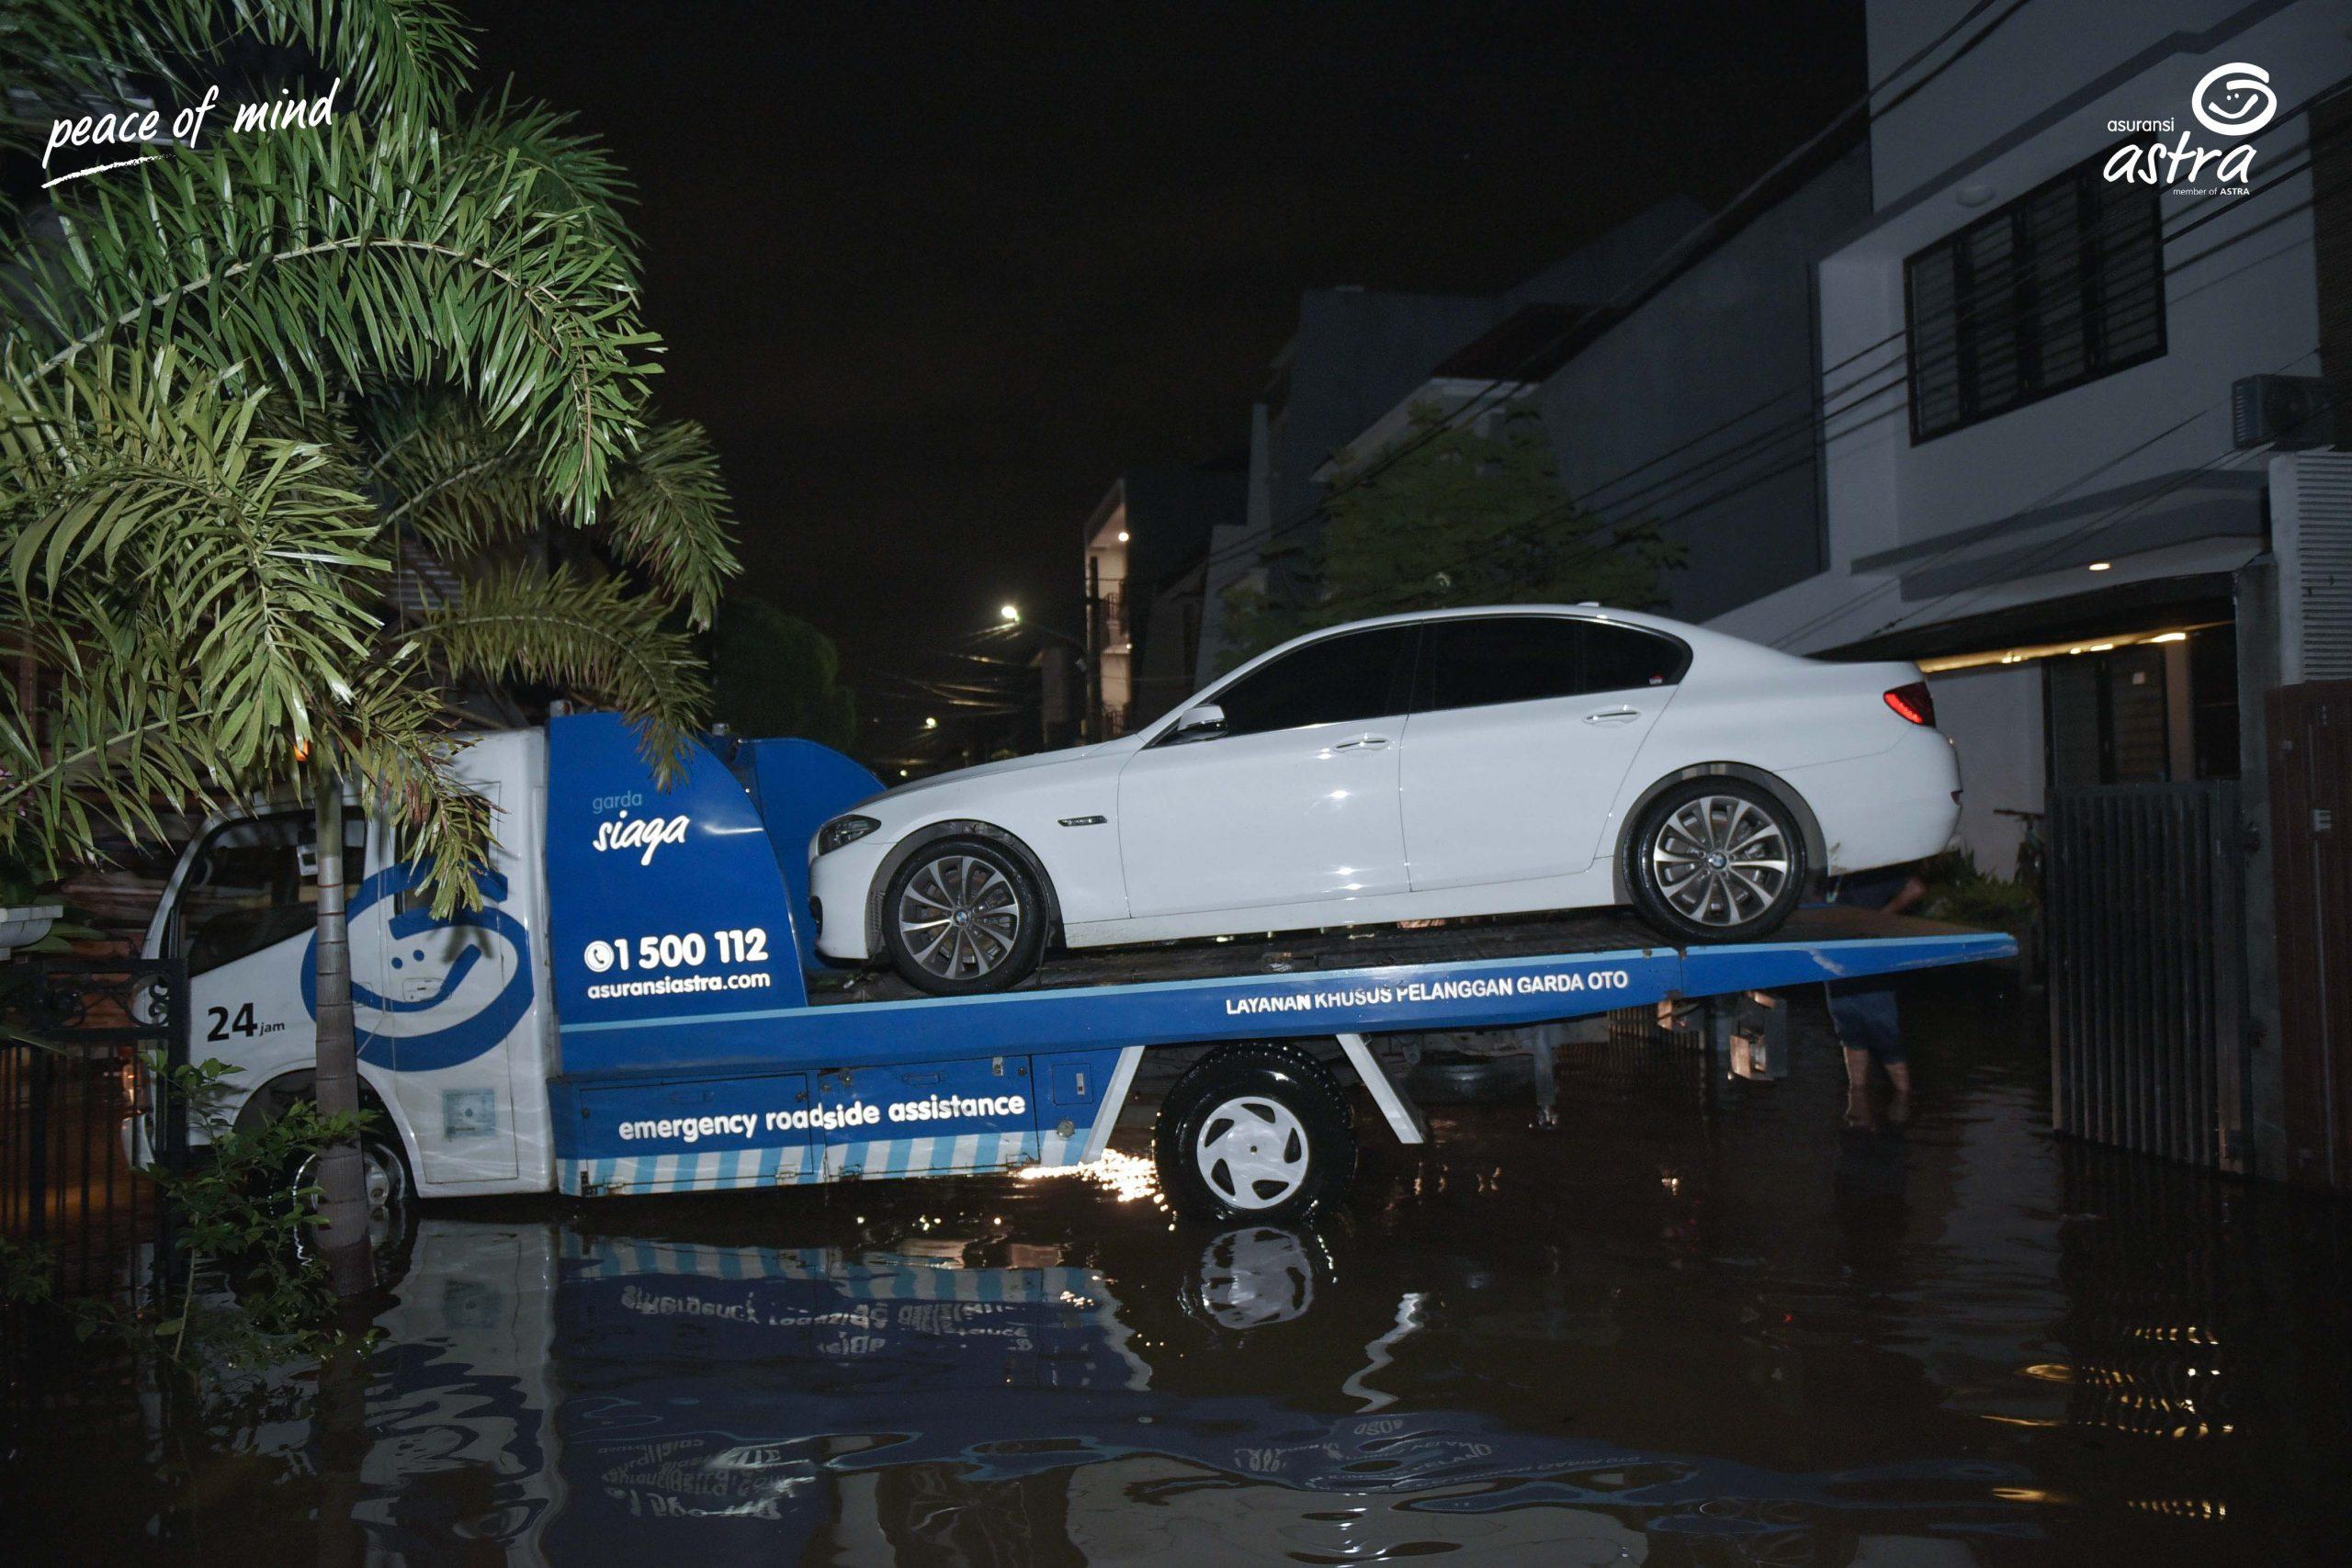 Layanan mobil derek Garda Oto selalu siap sedia membantu selama 24 jam dan dalam kondisi bencana alam.